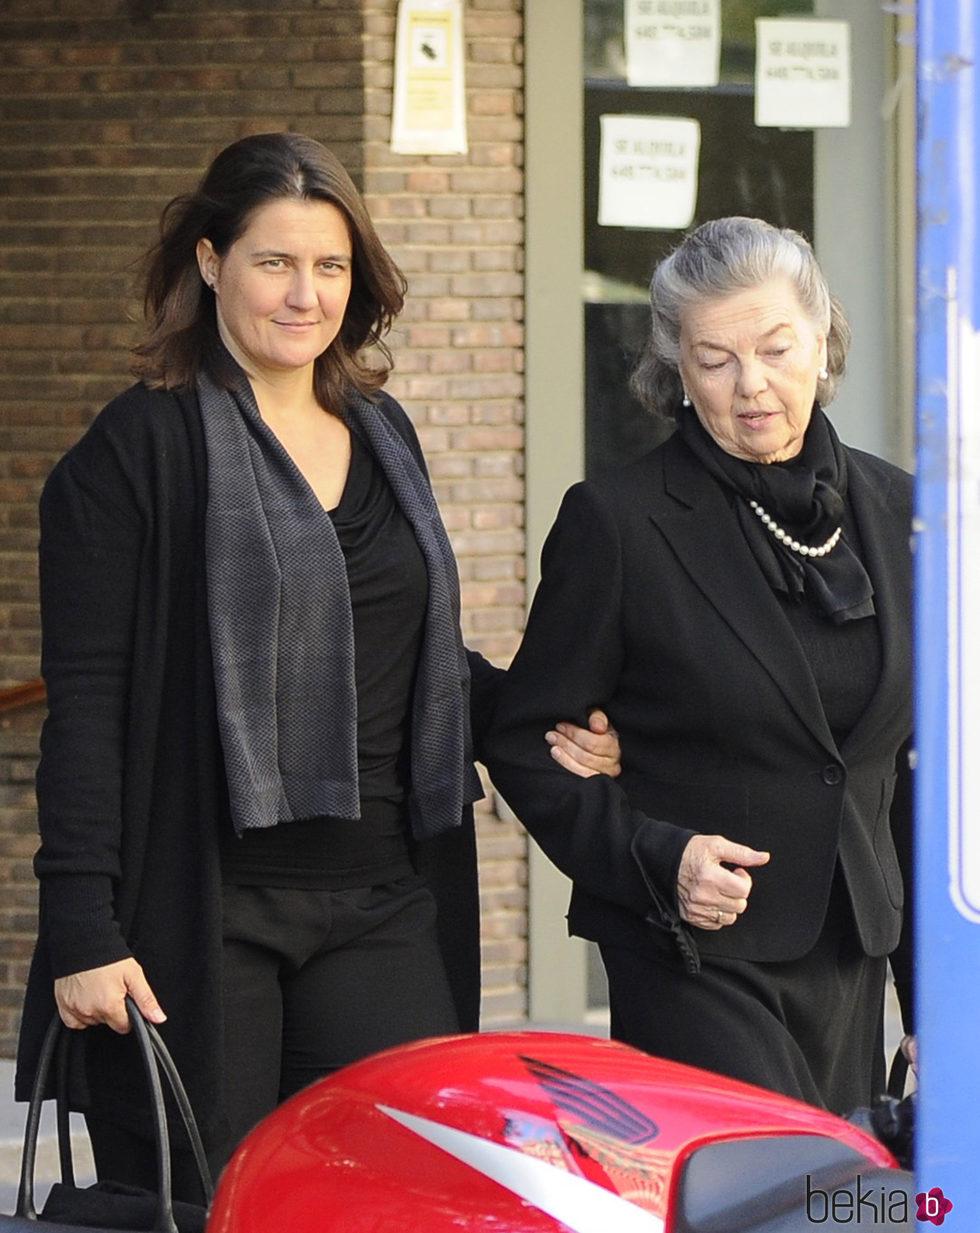 Inés Borbón Dos Sicilias acompañada de su madre Ana de Orleans